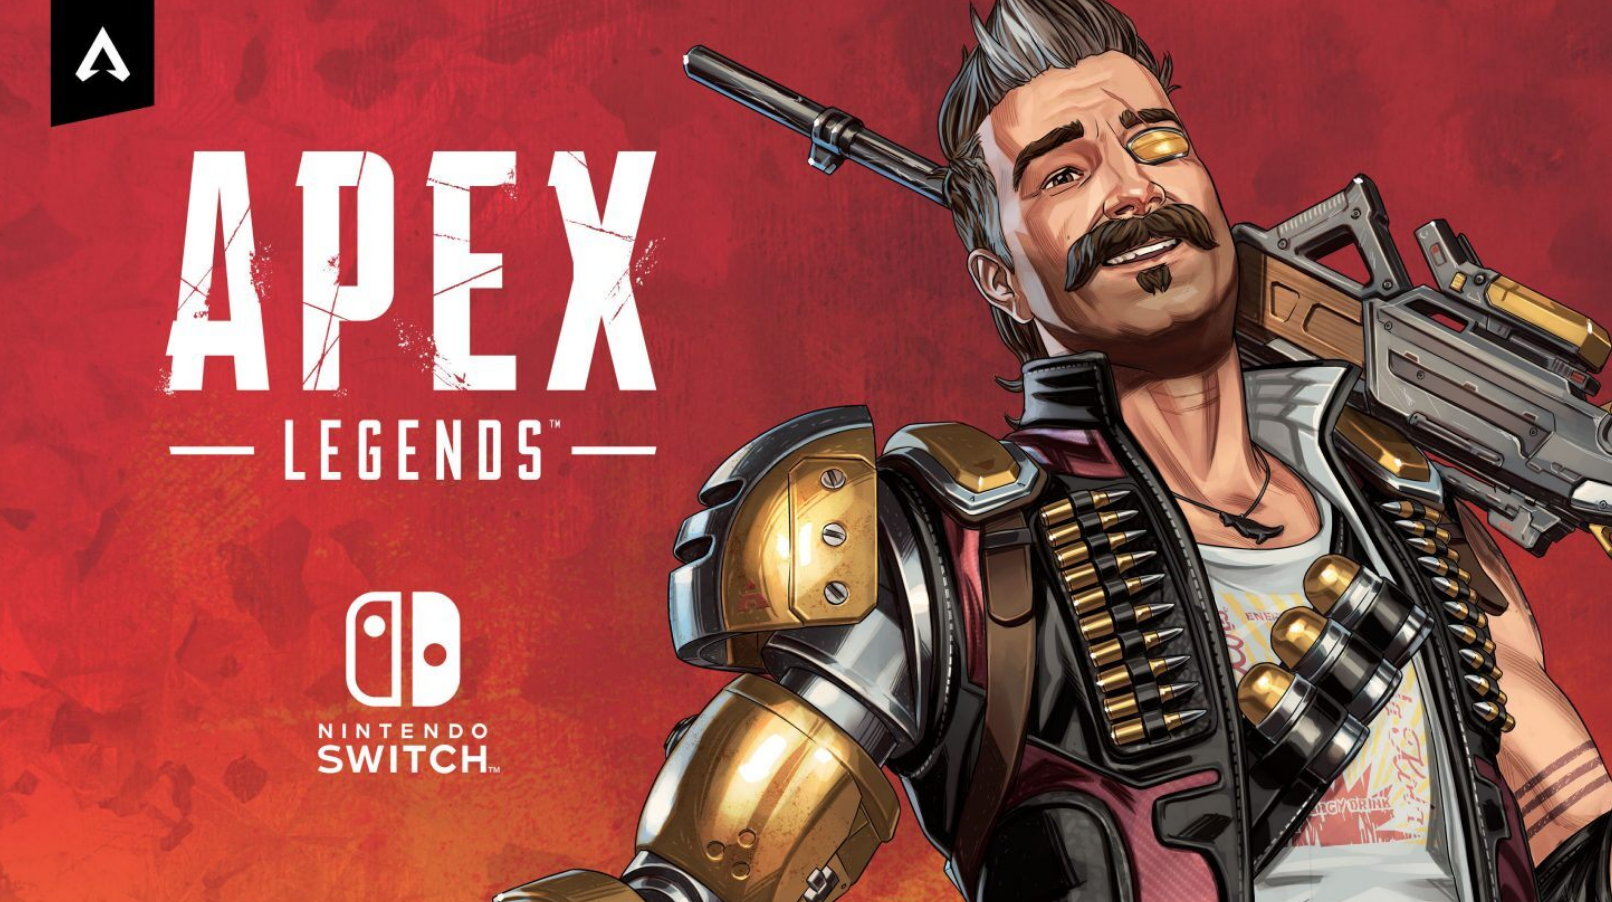 Apex Legends выйдет на Nintendo Switch в марте, и Respawn особенно гордятся этой версией